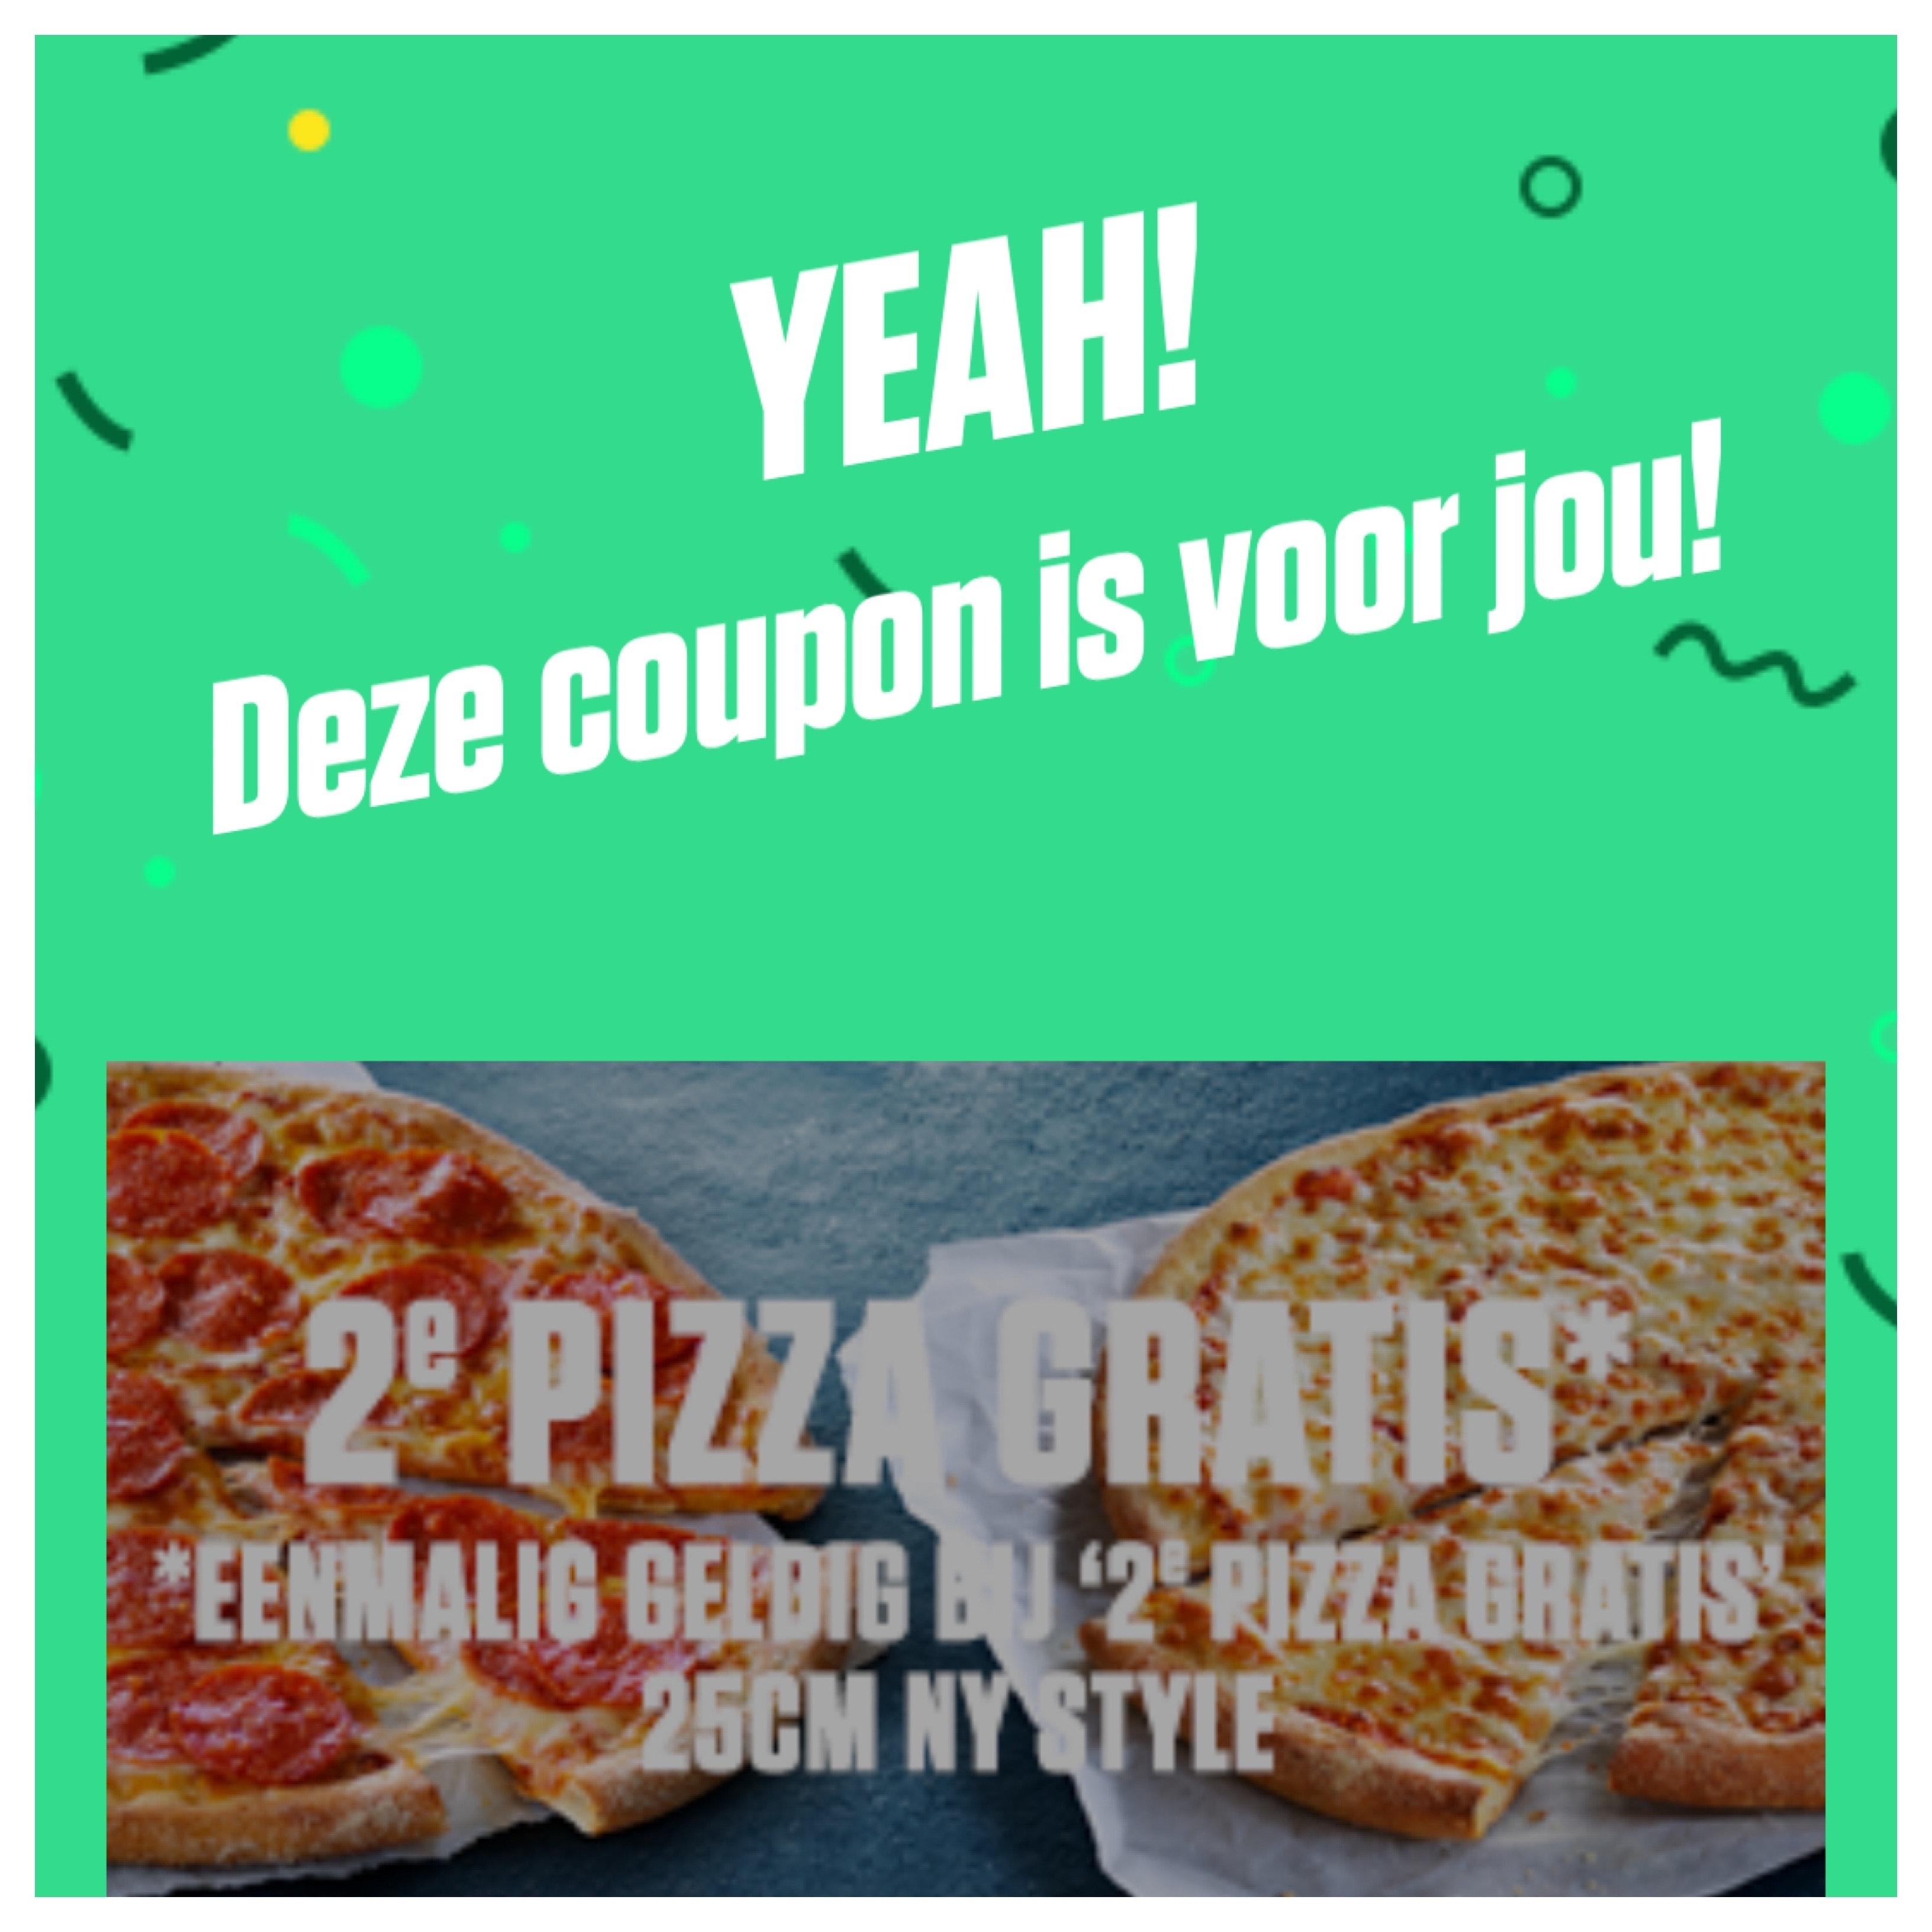 Code voor 2e pizza gratis bij downloaden vernieuwde app!